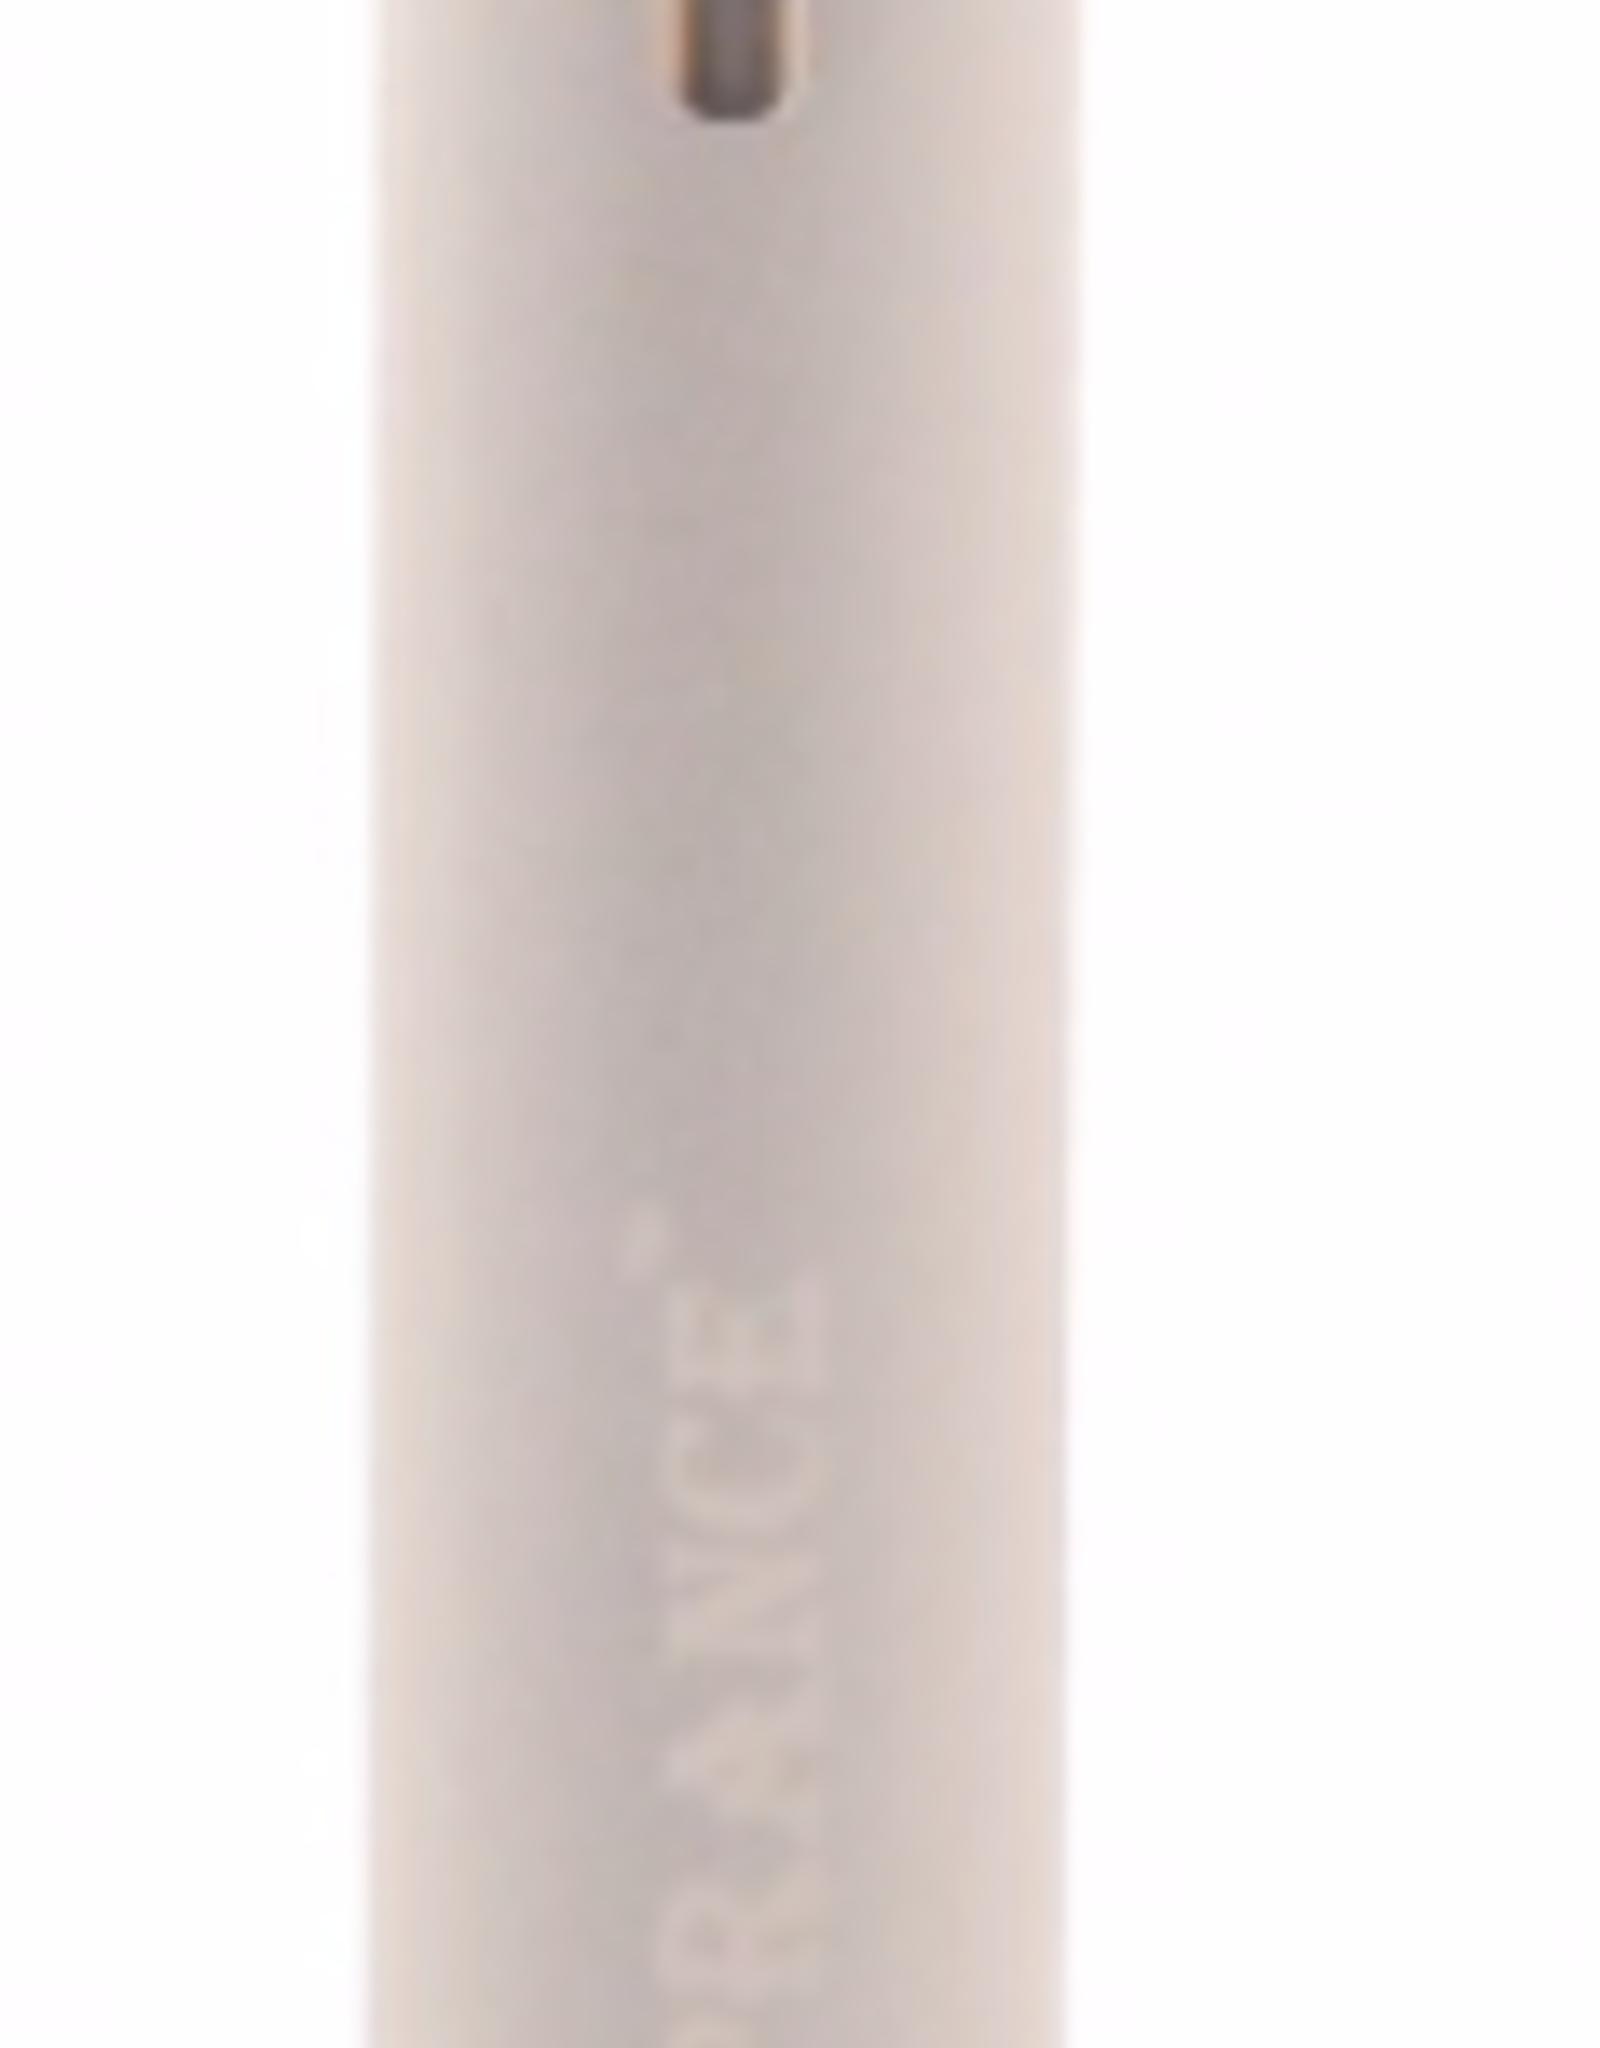 Vaprance Vaprance Force Kit Silver